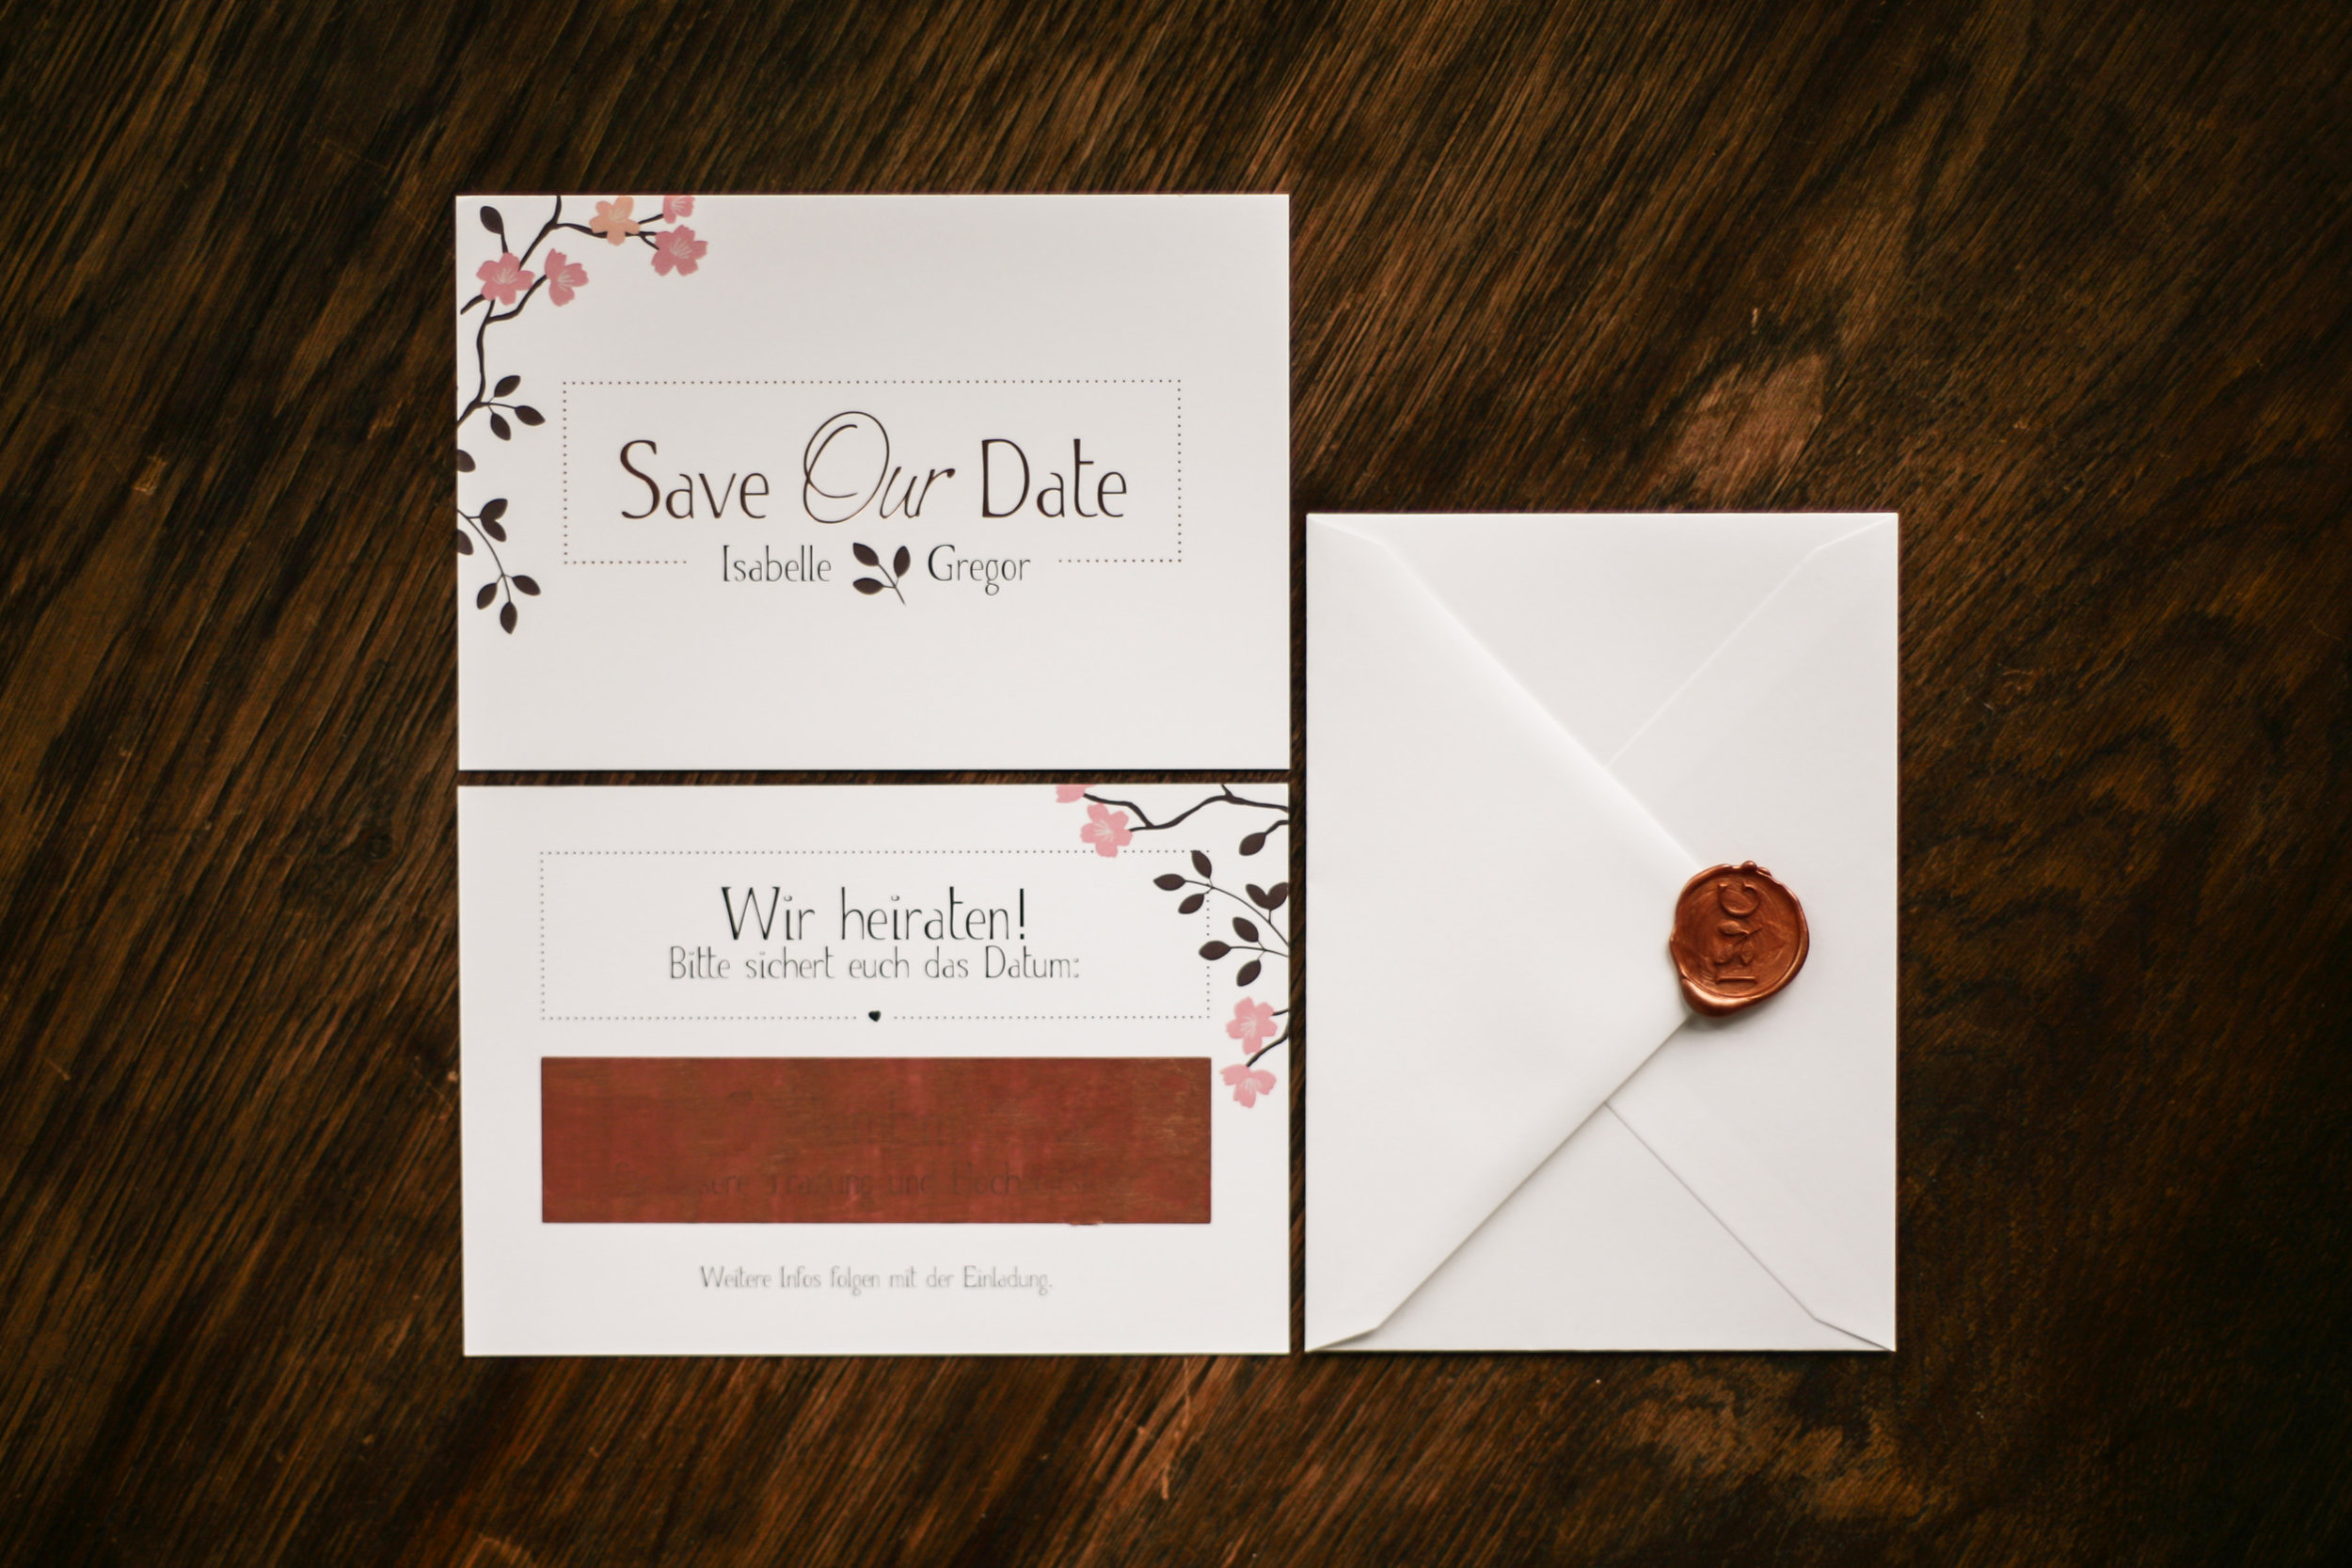 Save the Date Karte mit Kupferveredelung und Rubbelfeld (Vorder- und Rückseite) und Briefumschlag mit Siegelstempel Kupfer